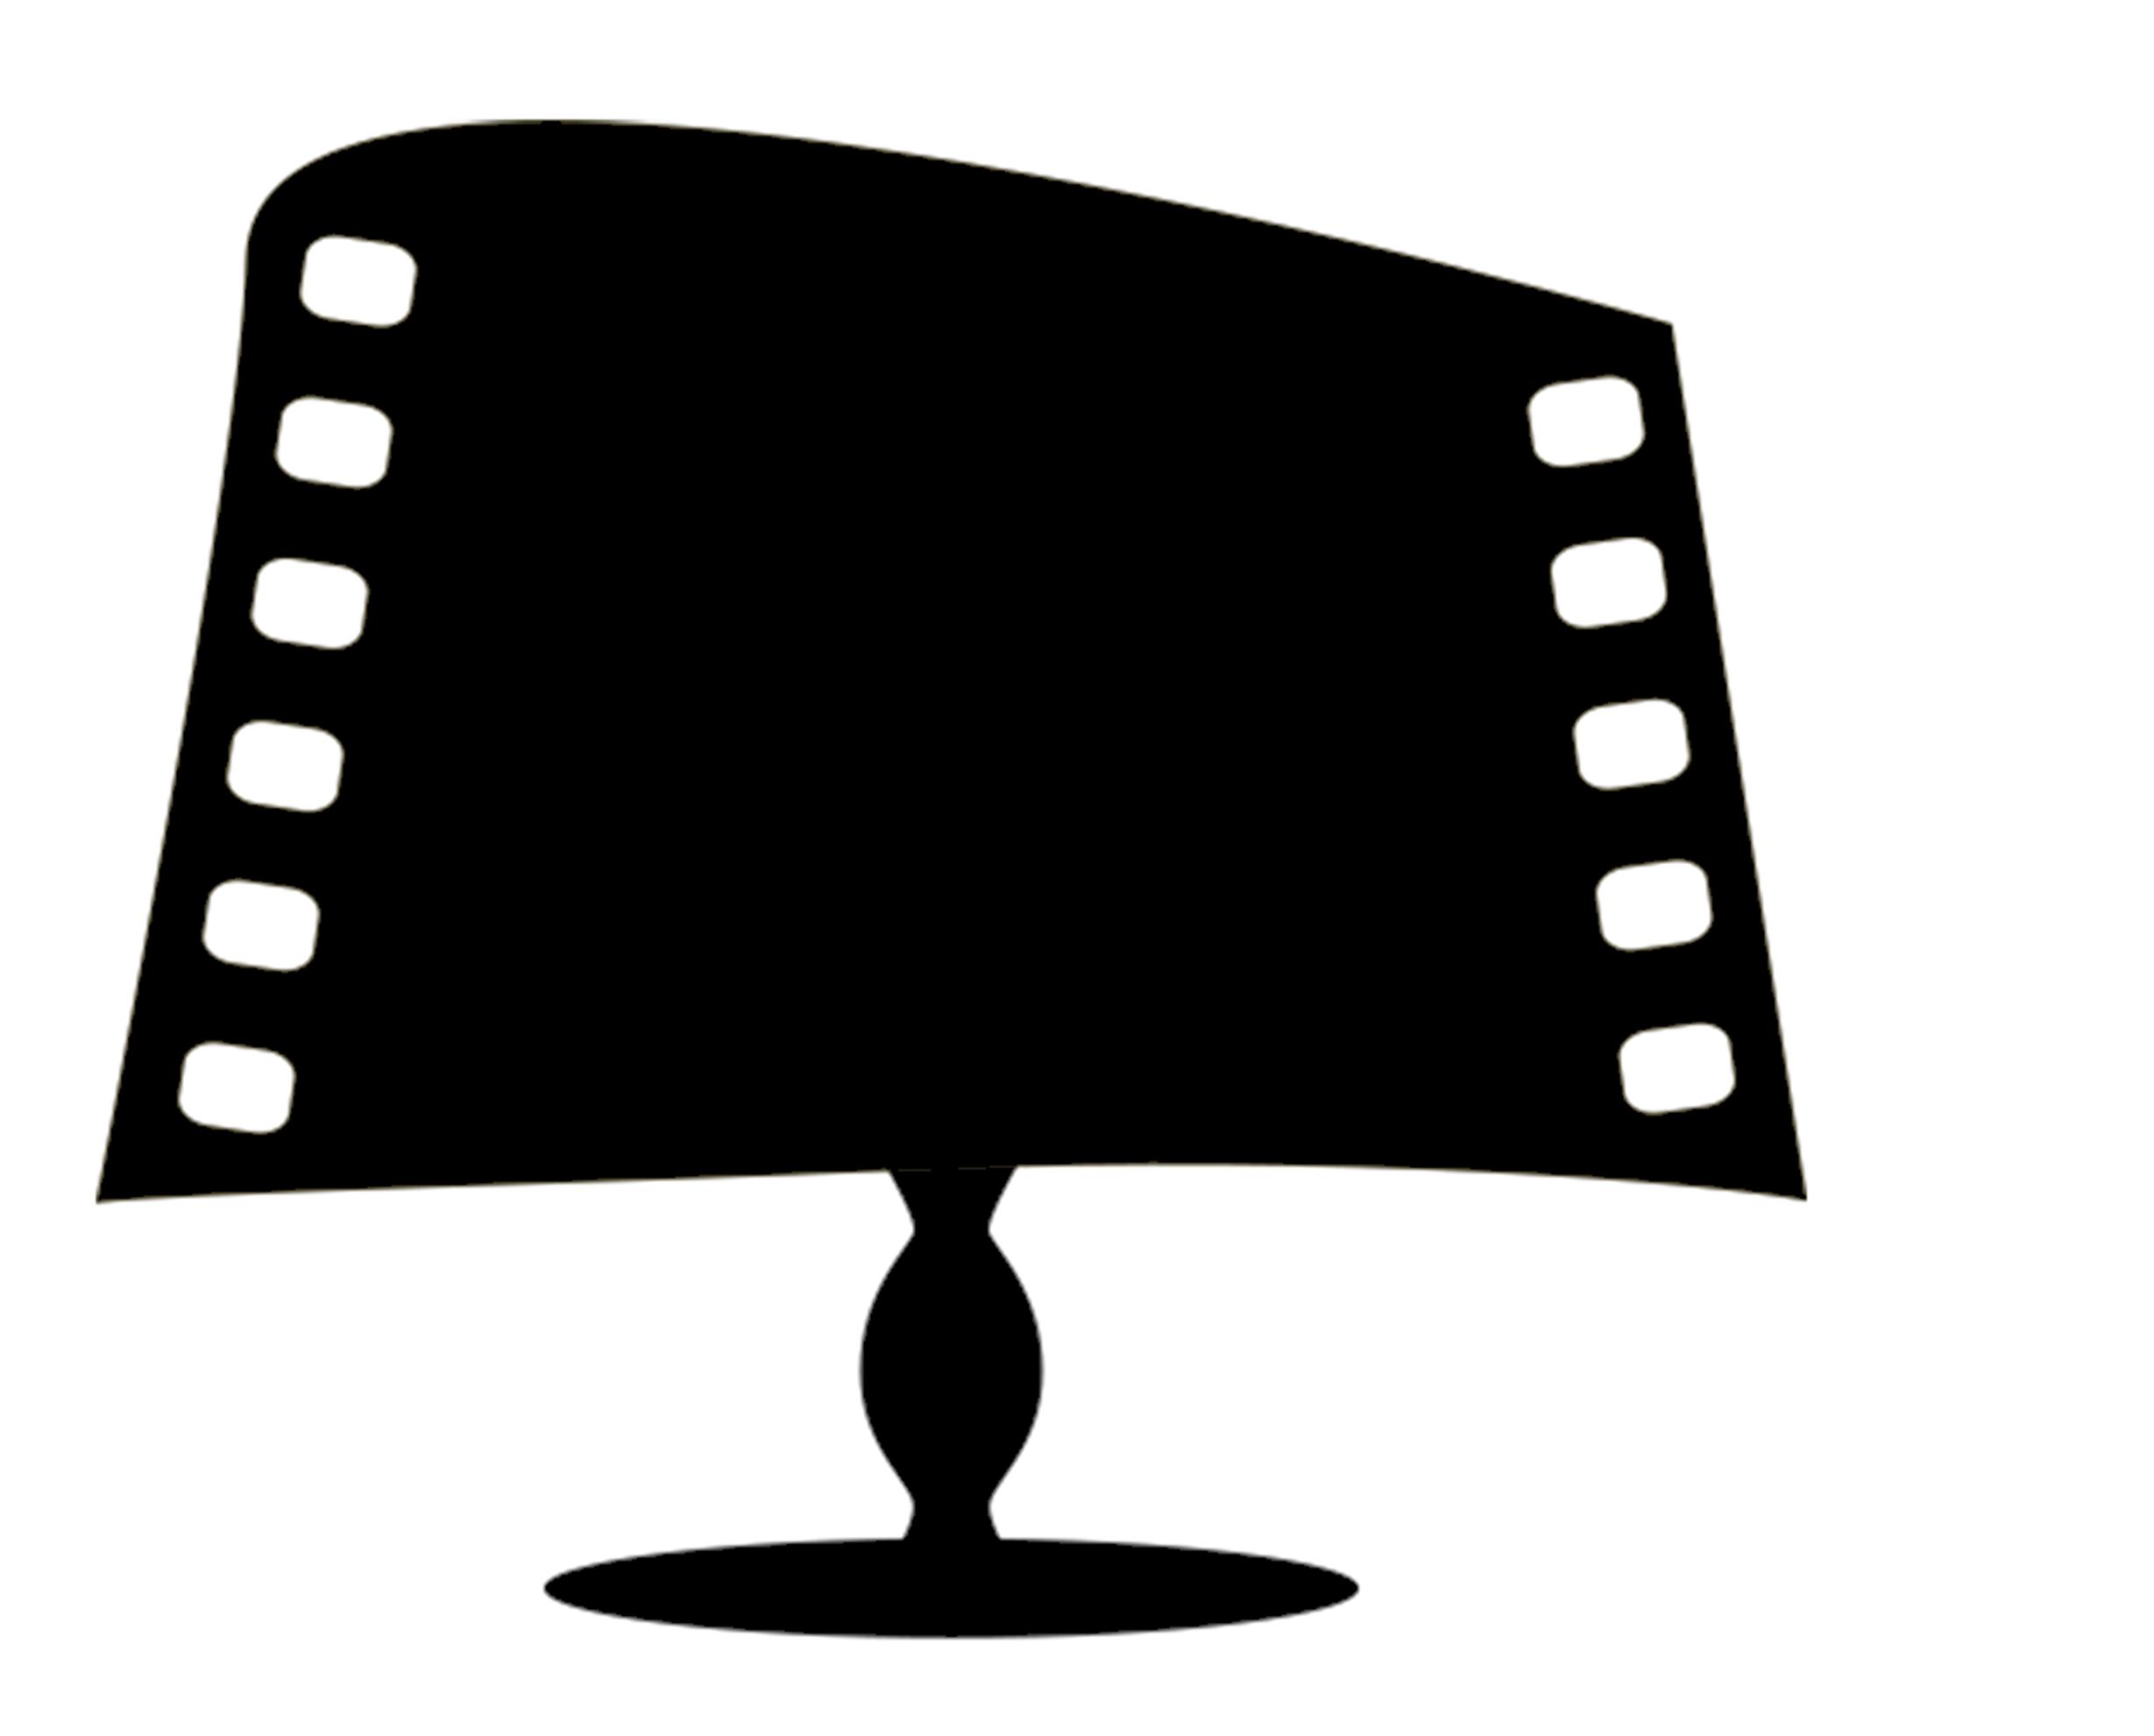 35mm LAMP